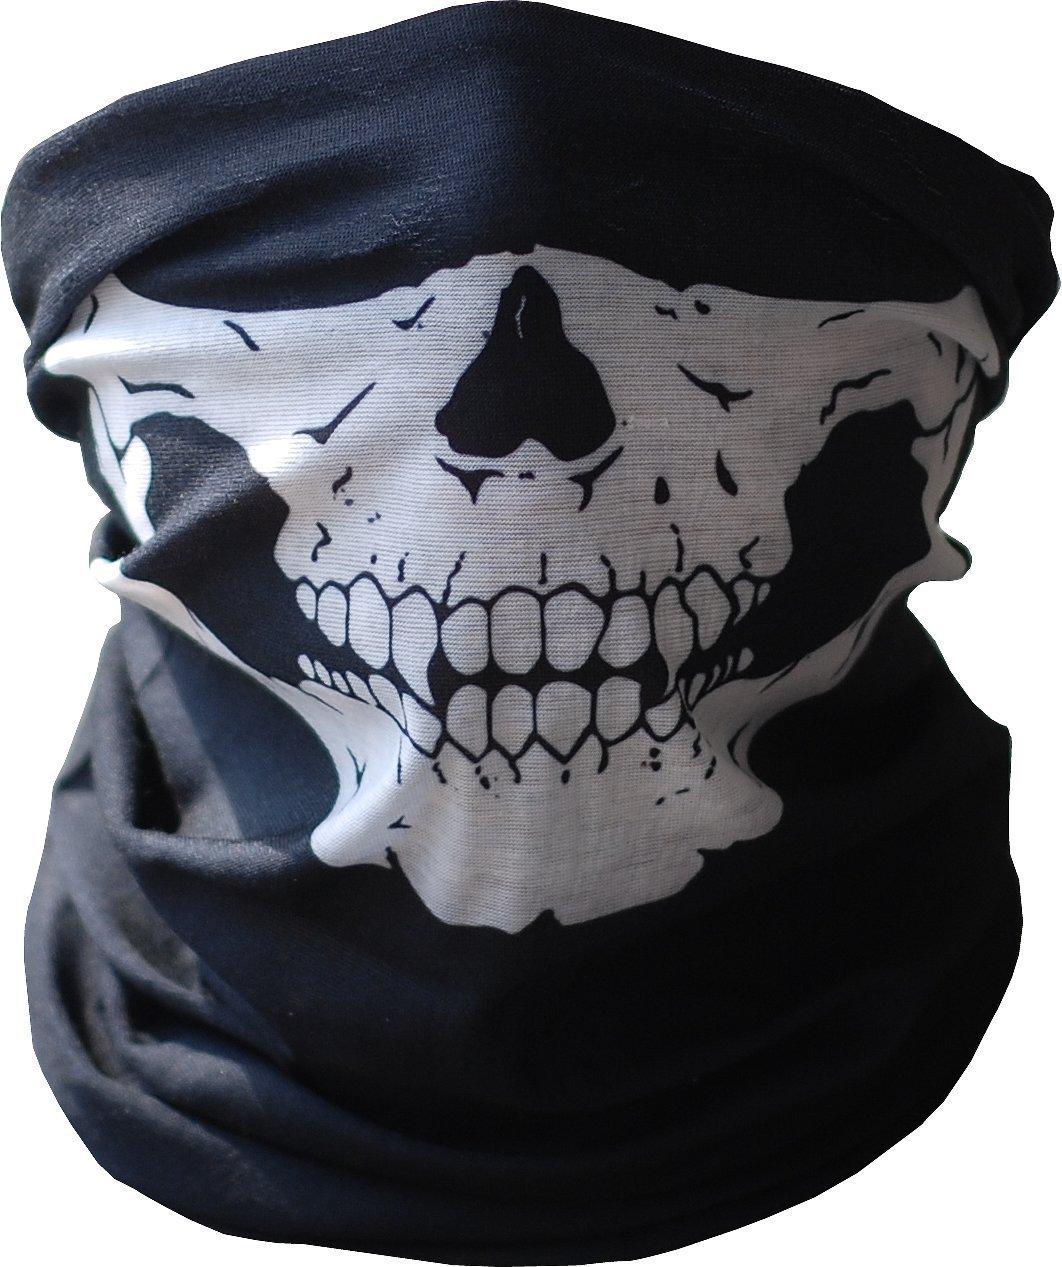 Maschera Skull tubolare Balaclava Bandana Moto sciarpa del collo del fronte Ghosts Warmer Scheletro Harley Call of Duty Caccia Paintball Snowboard Sci Grimbatol